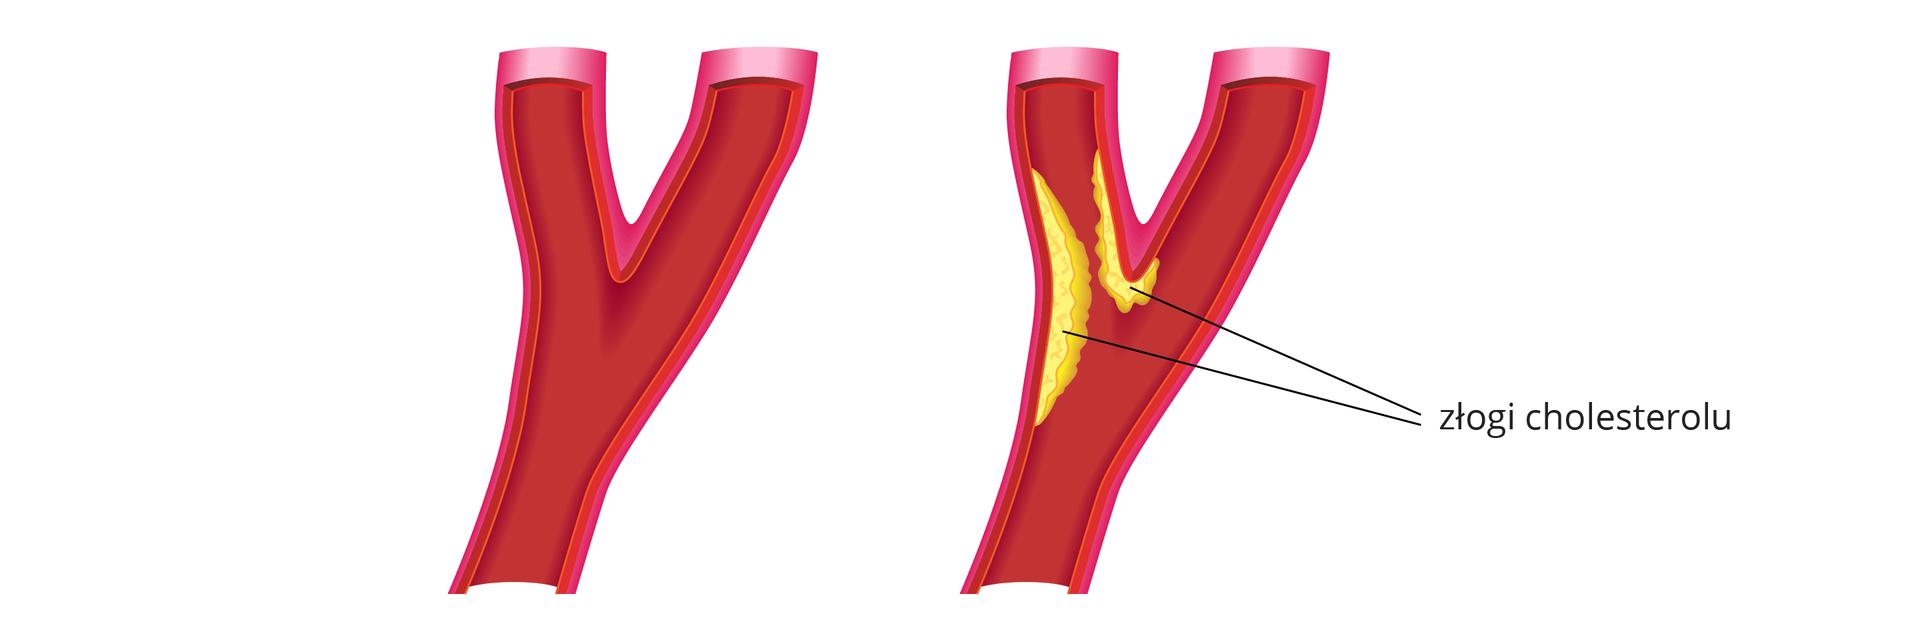 Ilustracja przedstawia schematyczny obraz dwóch tętnic wieńcowych. Tętnice udołu są pojedyncze irozwidlają się wpołowie wysokości na dwie odnogi. Lewa tętnica to przykład zdrowego naczynia. Zkolei prawa jest zwężona wlewej odnodze. Na ściankach tętnicy dostrzegalne są żółte złogi cholesterolu, które zwężają kanał przepływu krwi.